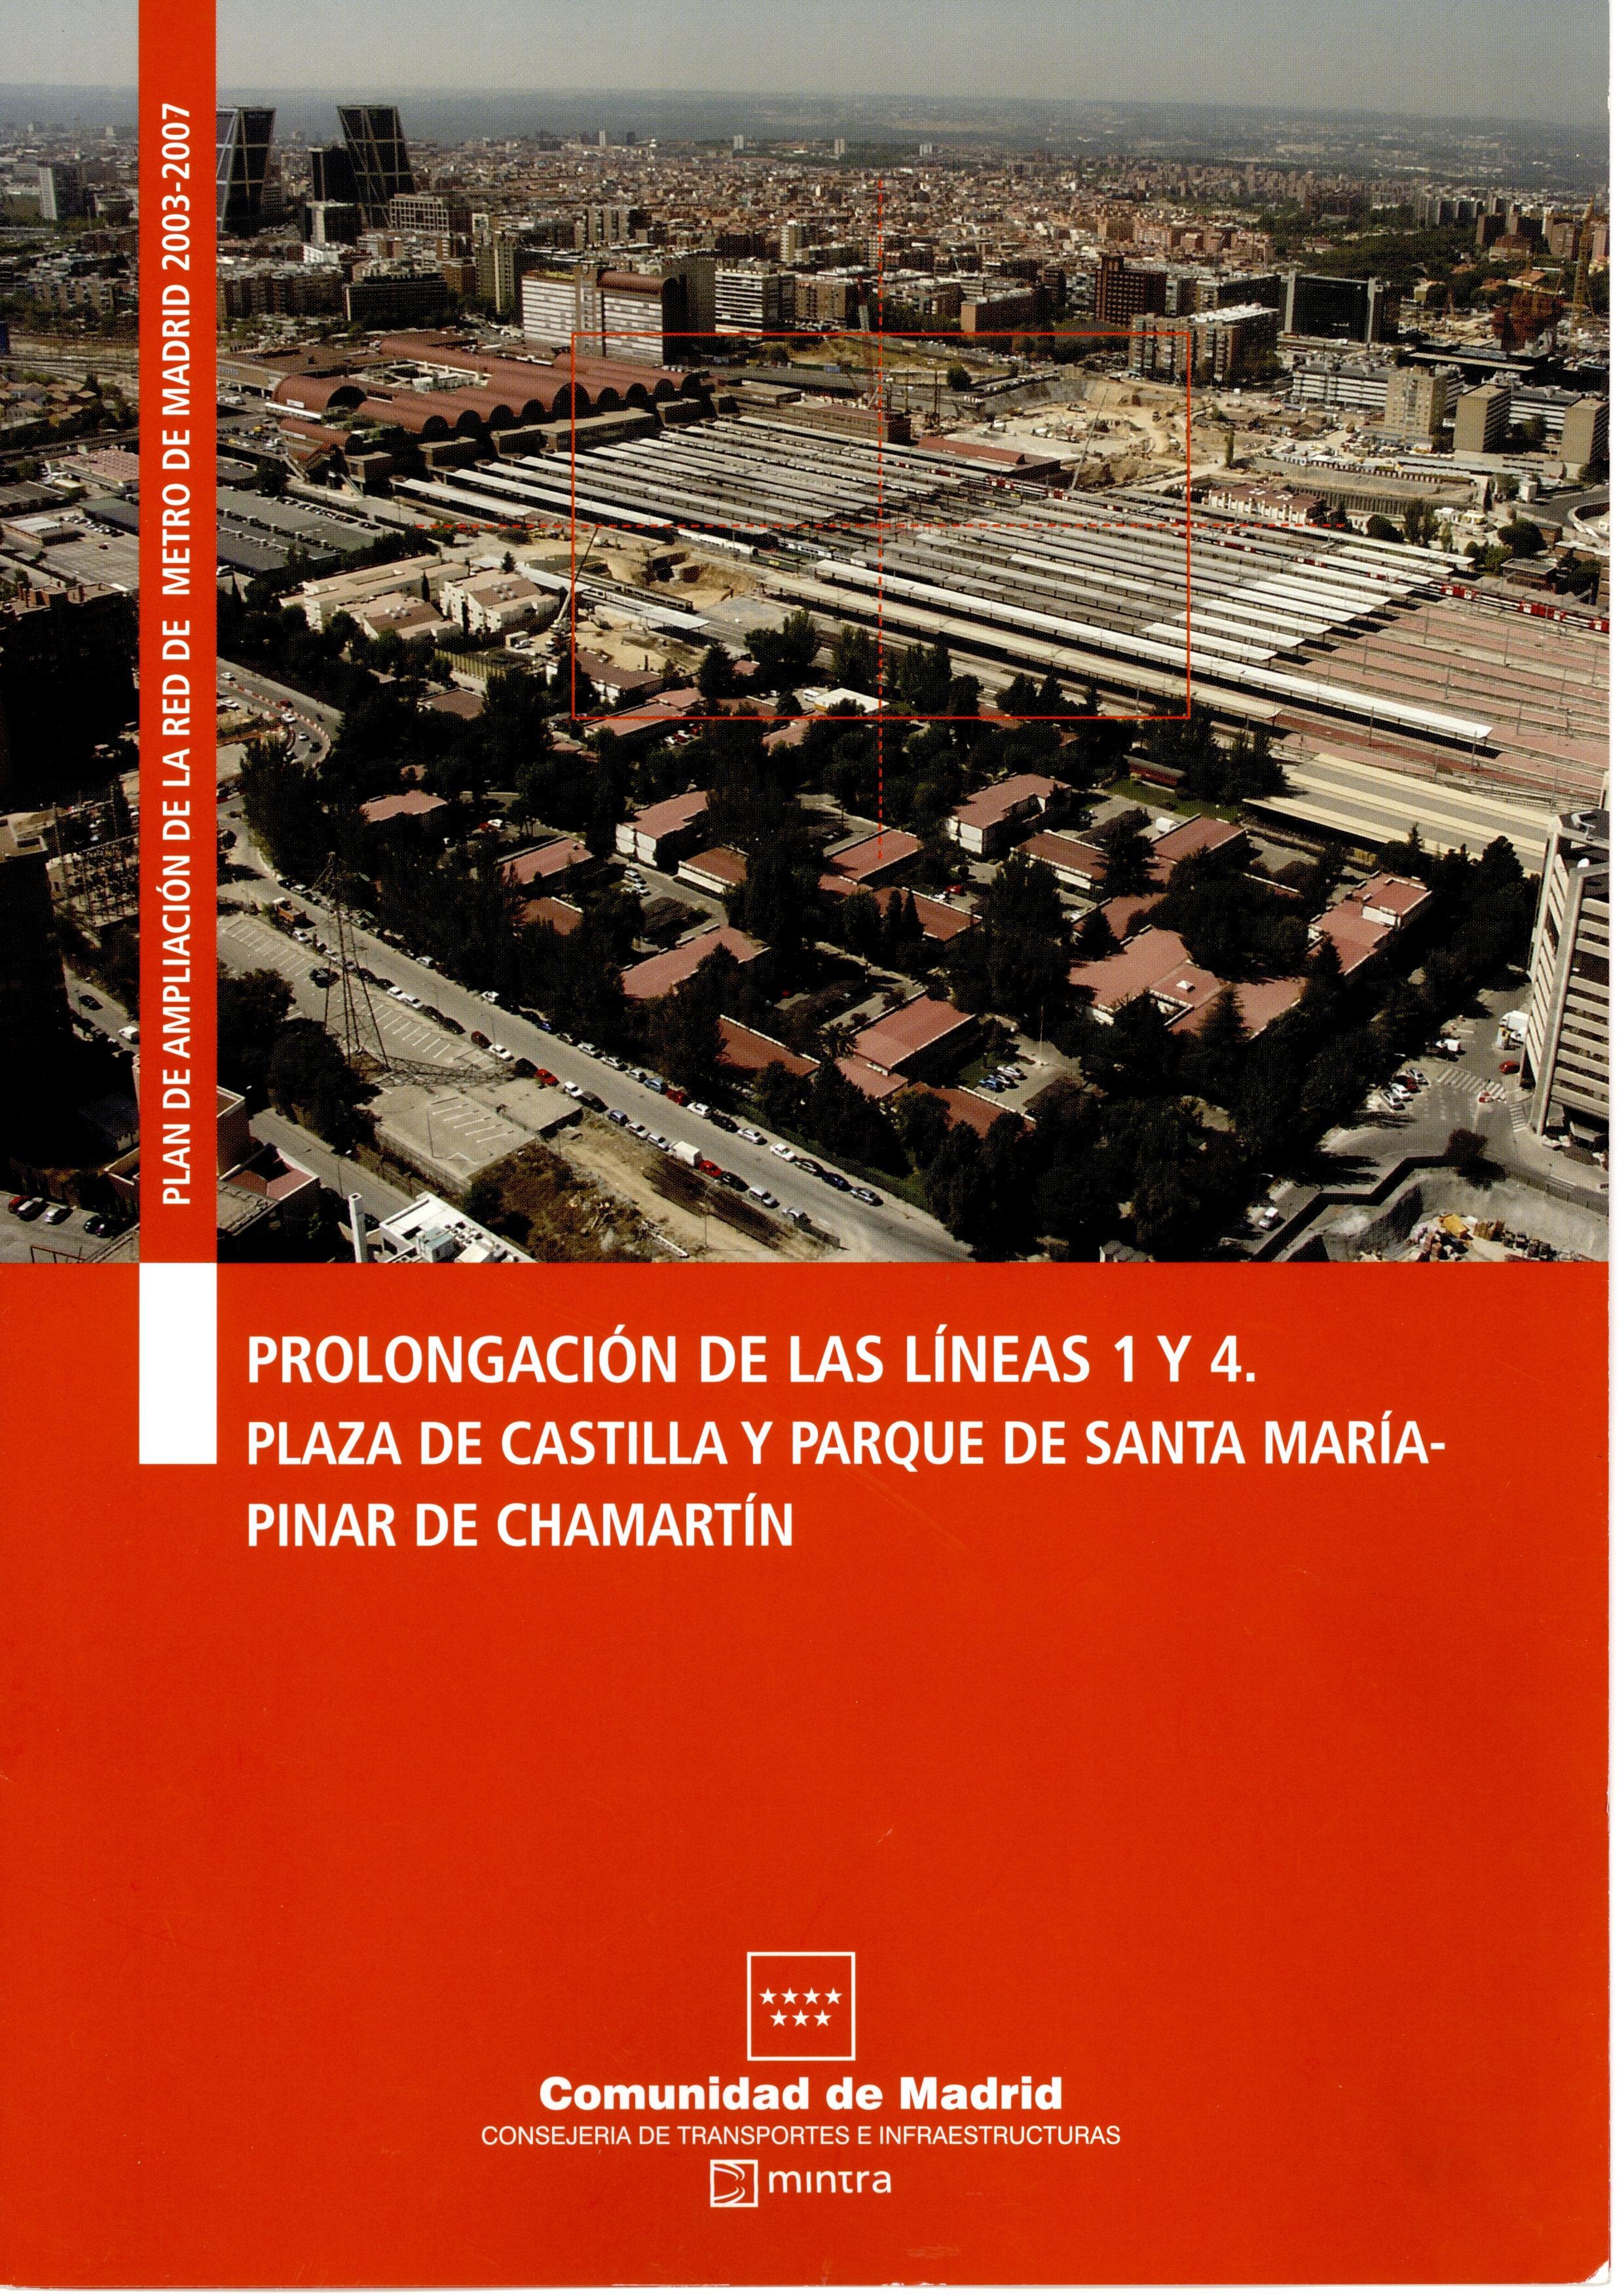 Carátula folleto ampl. L1 y L4